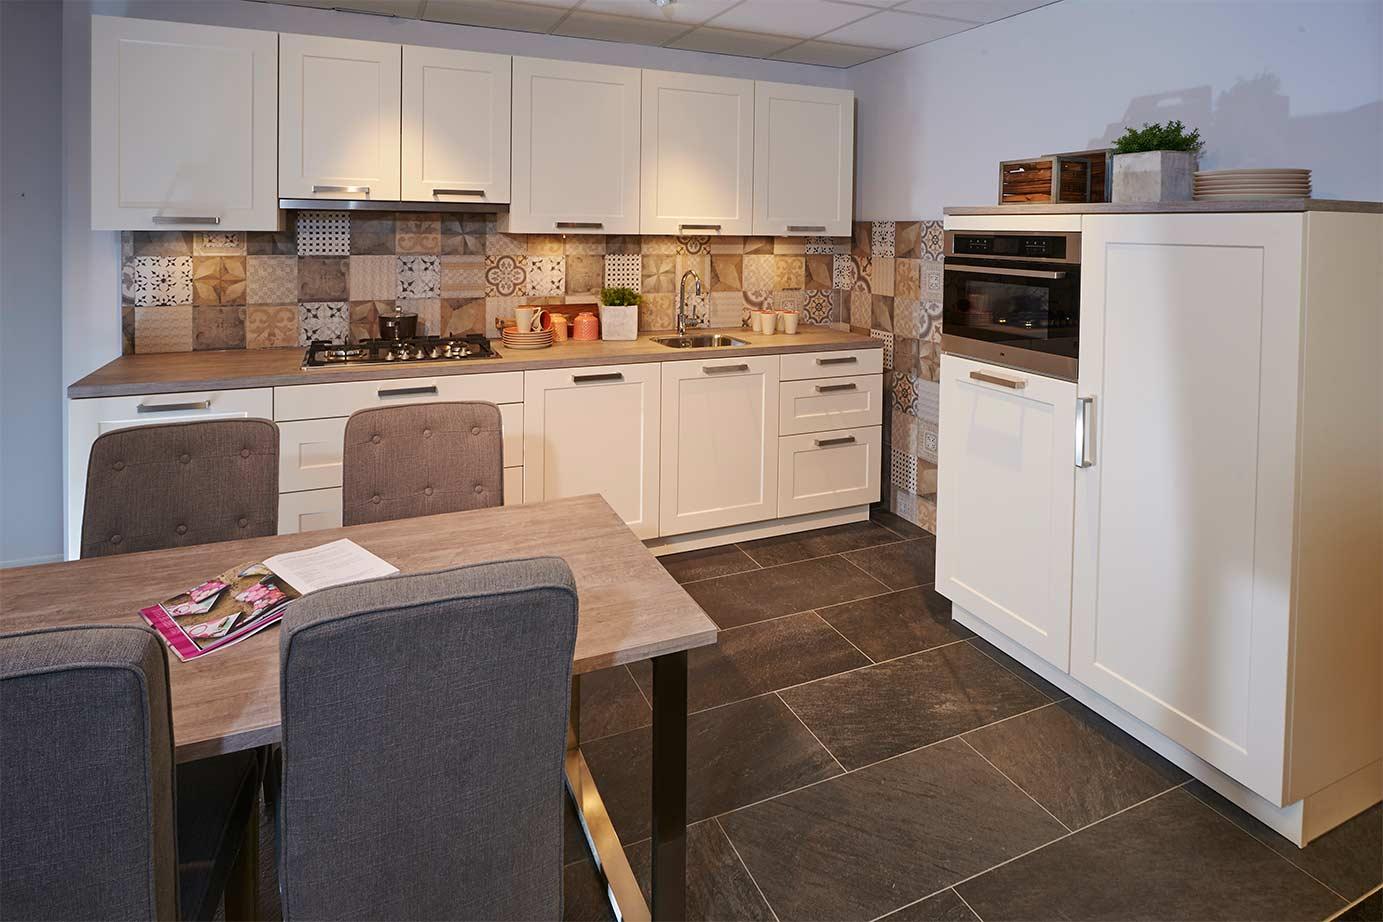 Moderne Keukens Gent : Keukens belgië grootste keus eigen plaatsers pelma